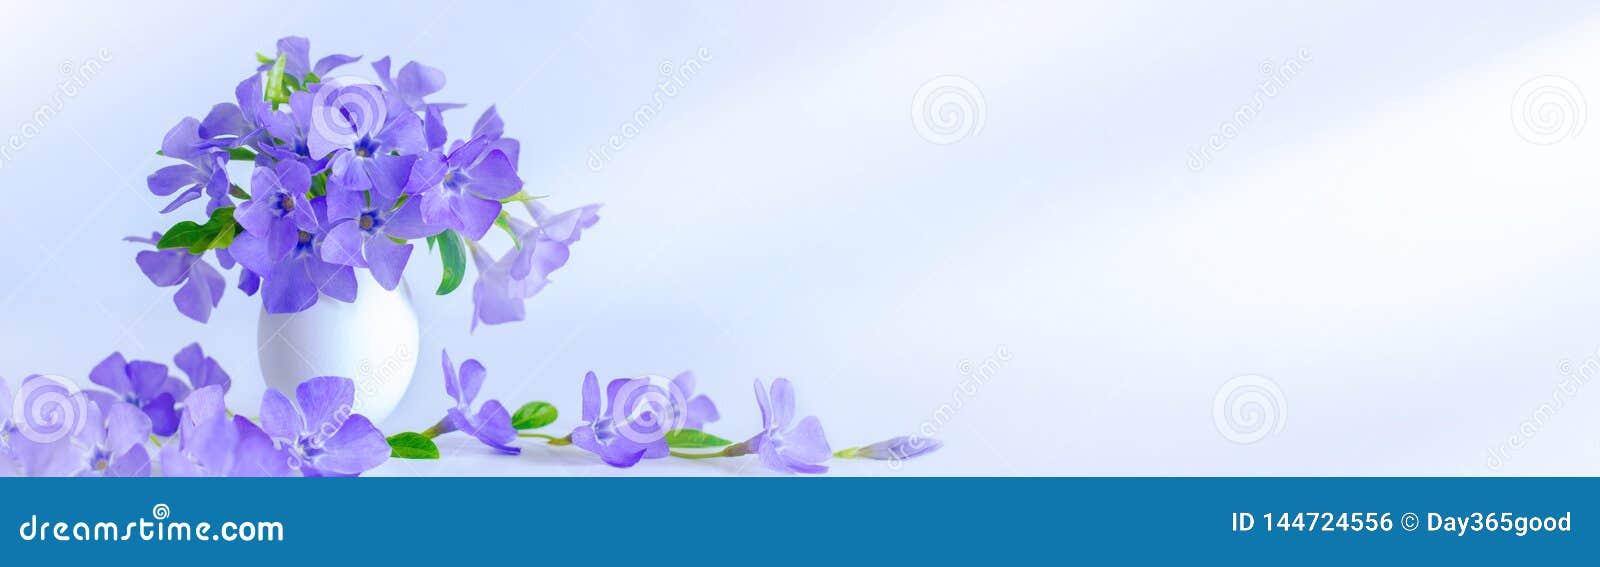 Paasei en twijg blauwe bloemen op blauwe achtergrond Eieren, koekoeksbloem en gestreepte doek